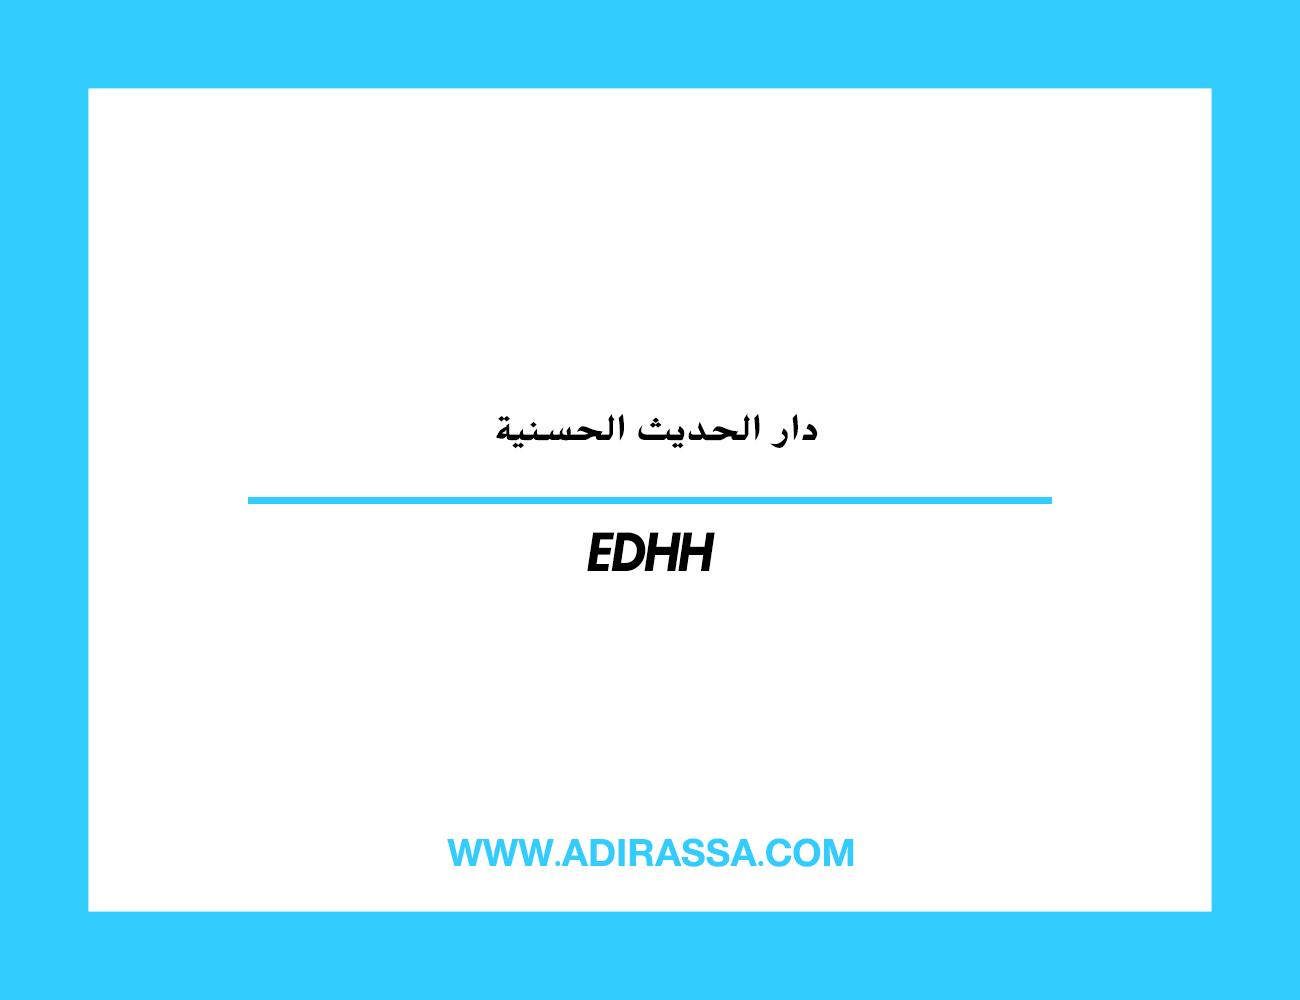 دار الحديث الحسنية مؤسسة للتعليم العالي تابعة لوزارة الأوقاف والشؤون الإسلامية